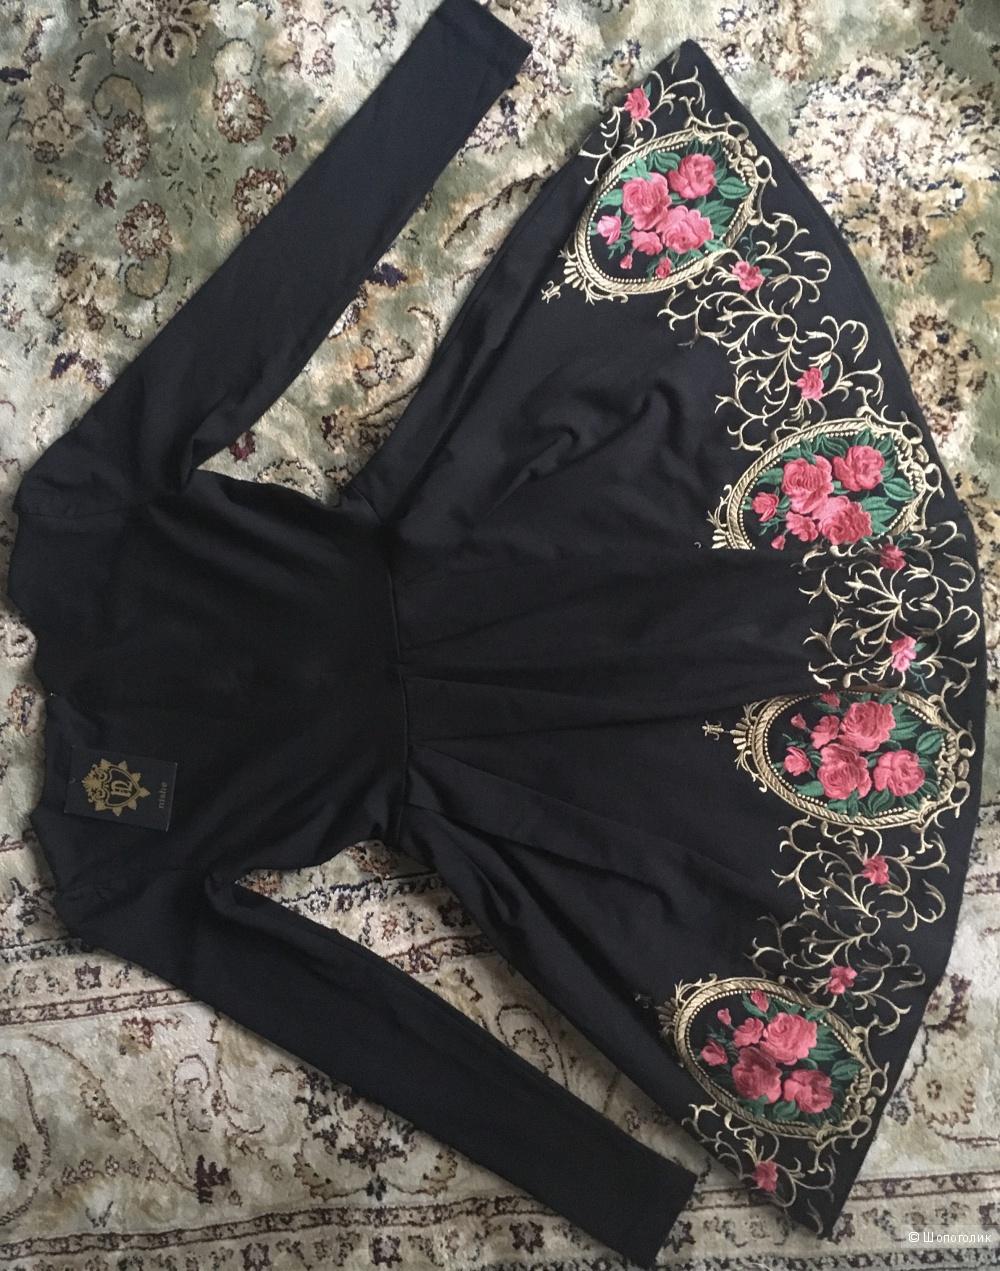 Короткое платье Nishe. Размер  xs